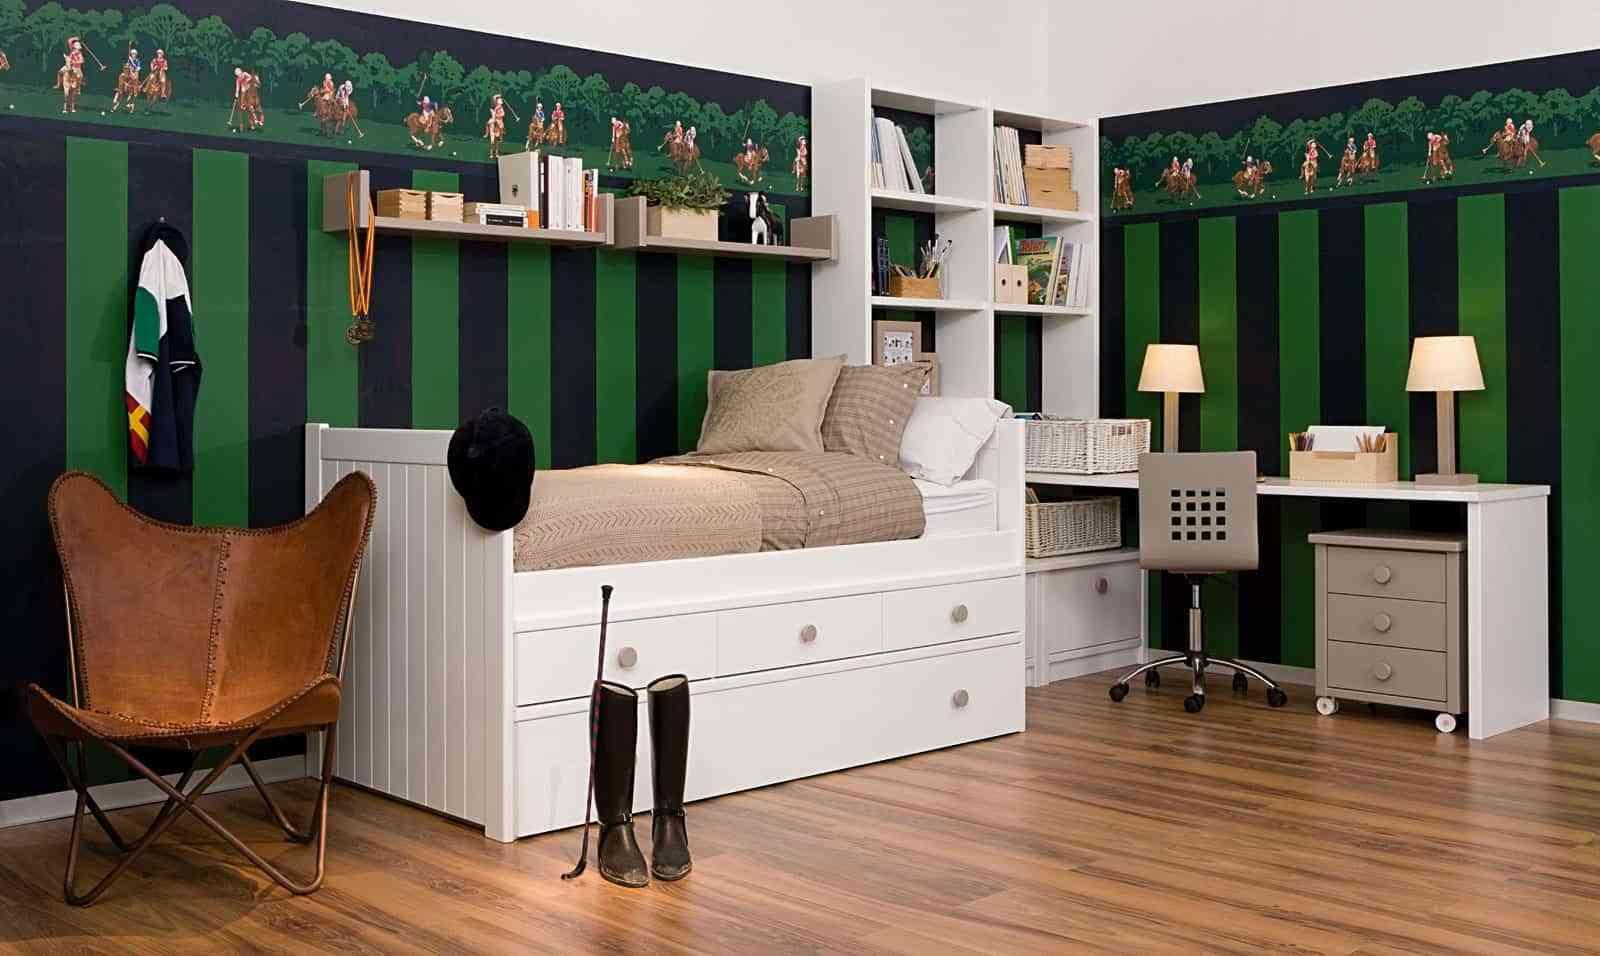 Dormitorios Juveniles De Diseno Moderno I